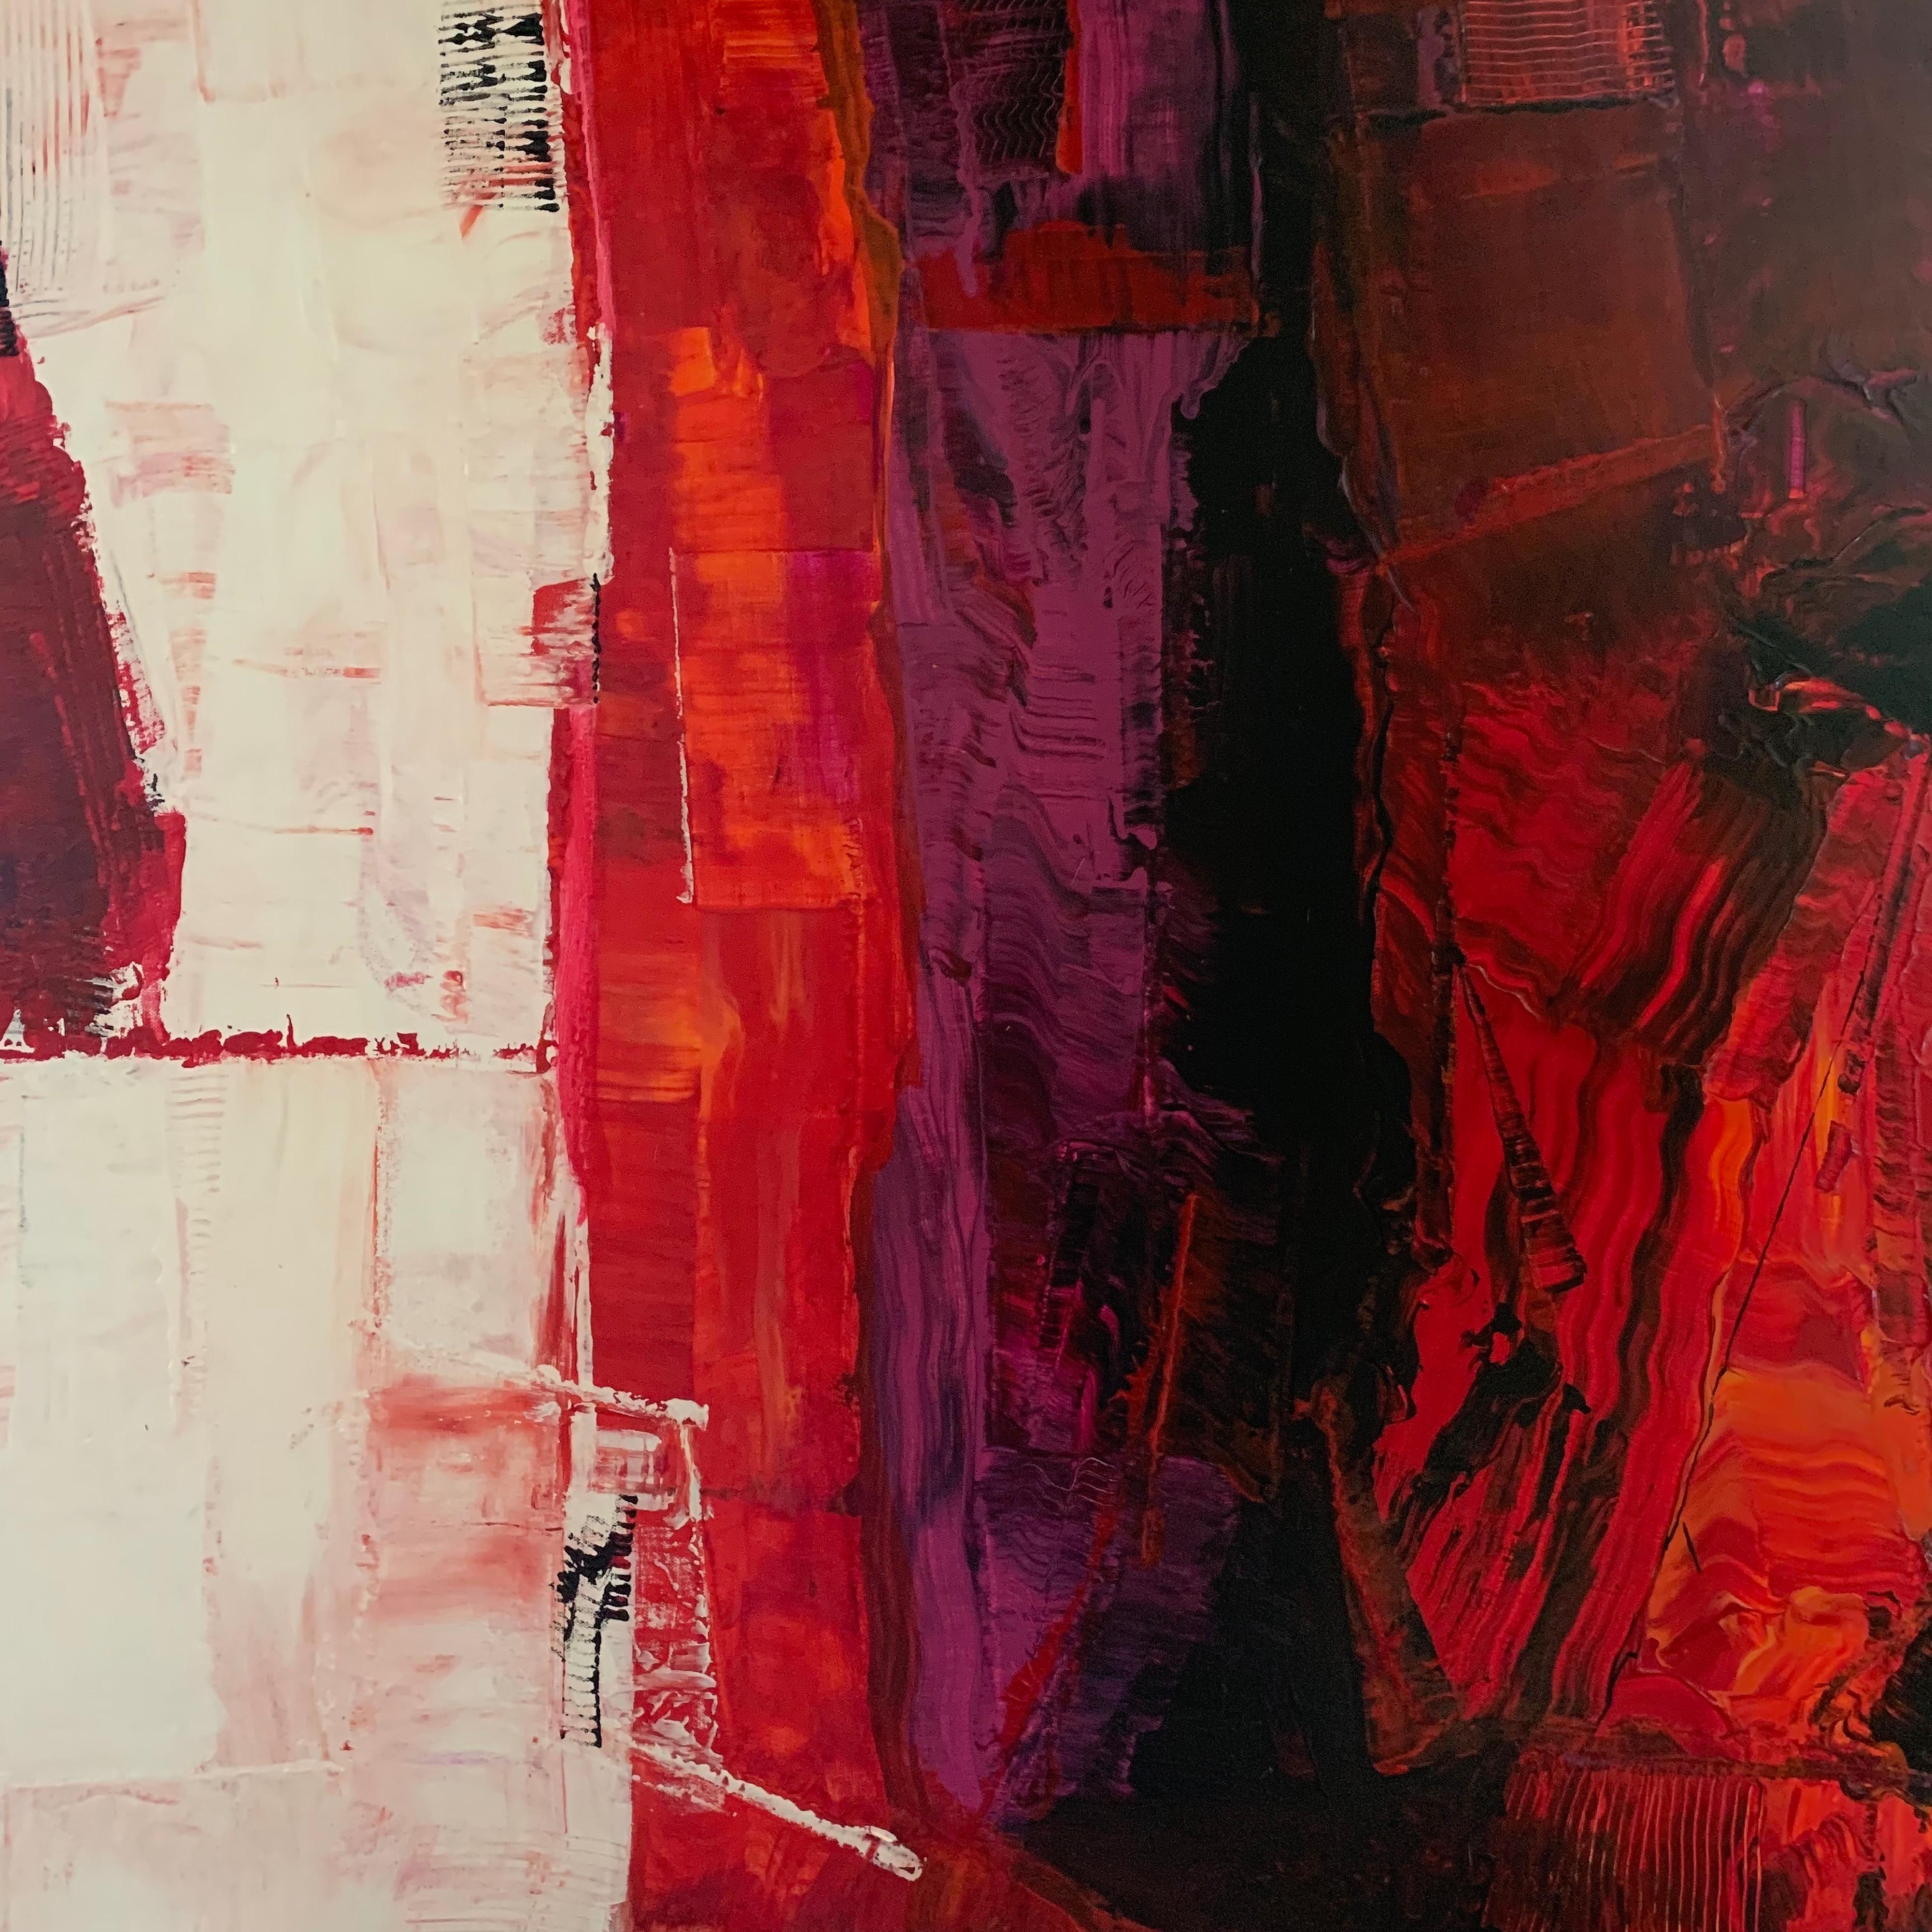 Emoción by Robert Martinez | ArtworkNetwork.com